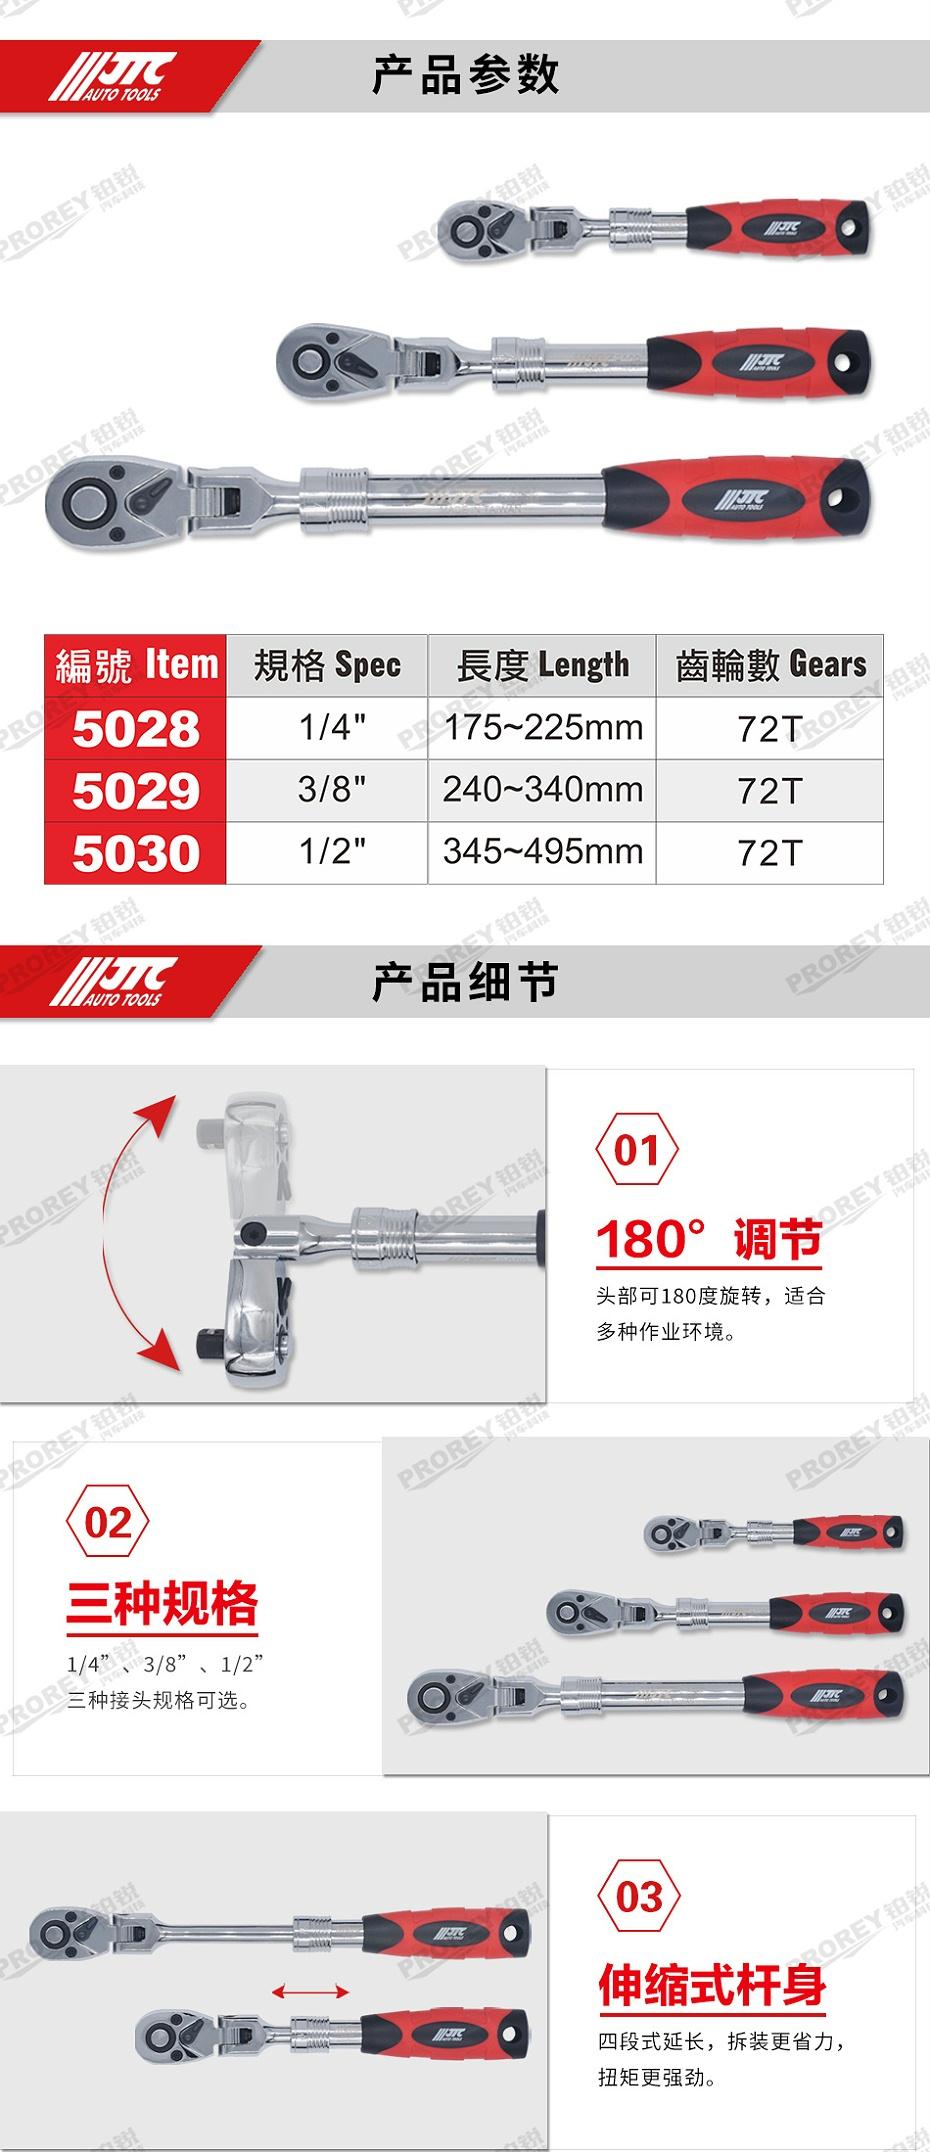 GW-130040797-JTC 5029 摇头伸缩式棘轮扳手 -2